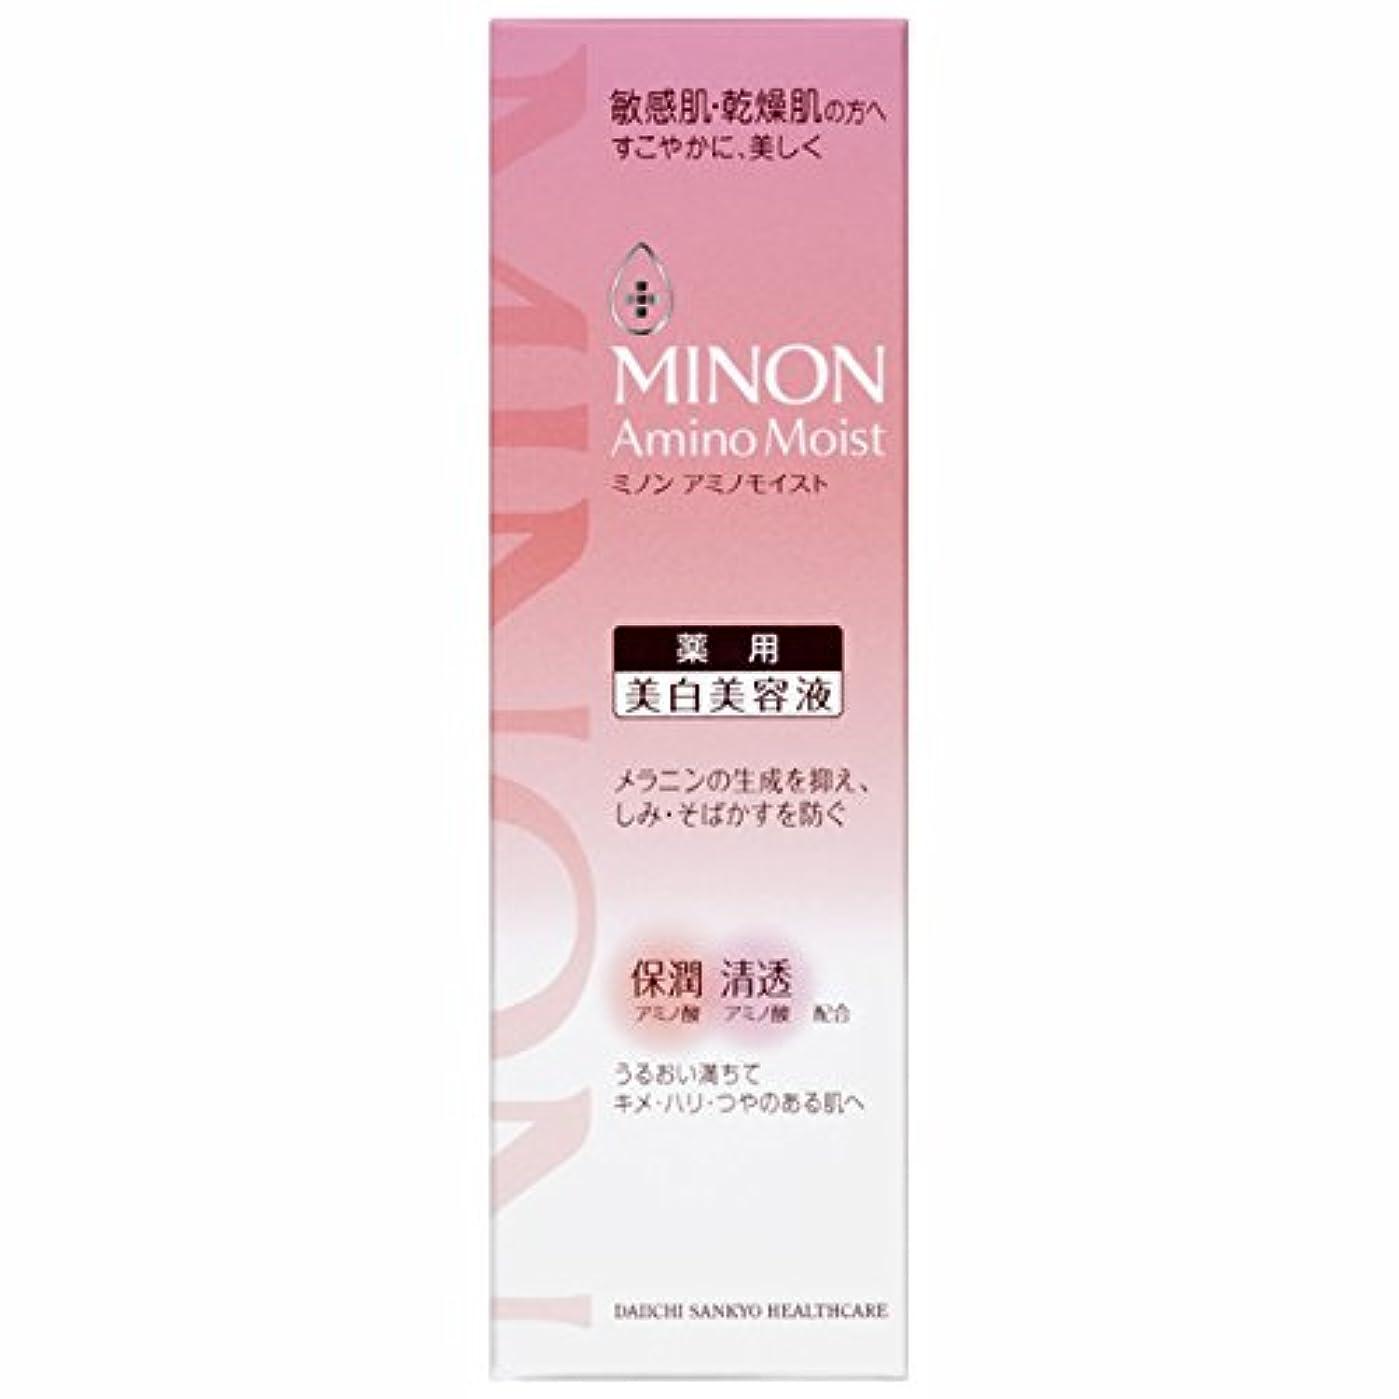 発生する調整クラウドミノン アミノモイスト 薬用マイルド ホワイトニング 30g (医薬部外品)